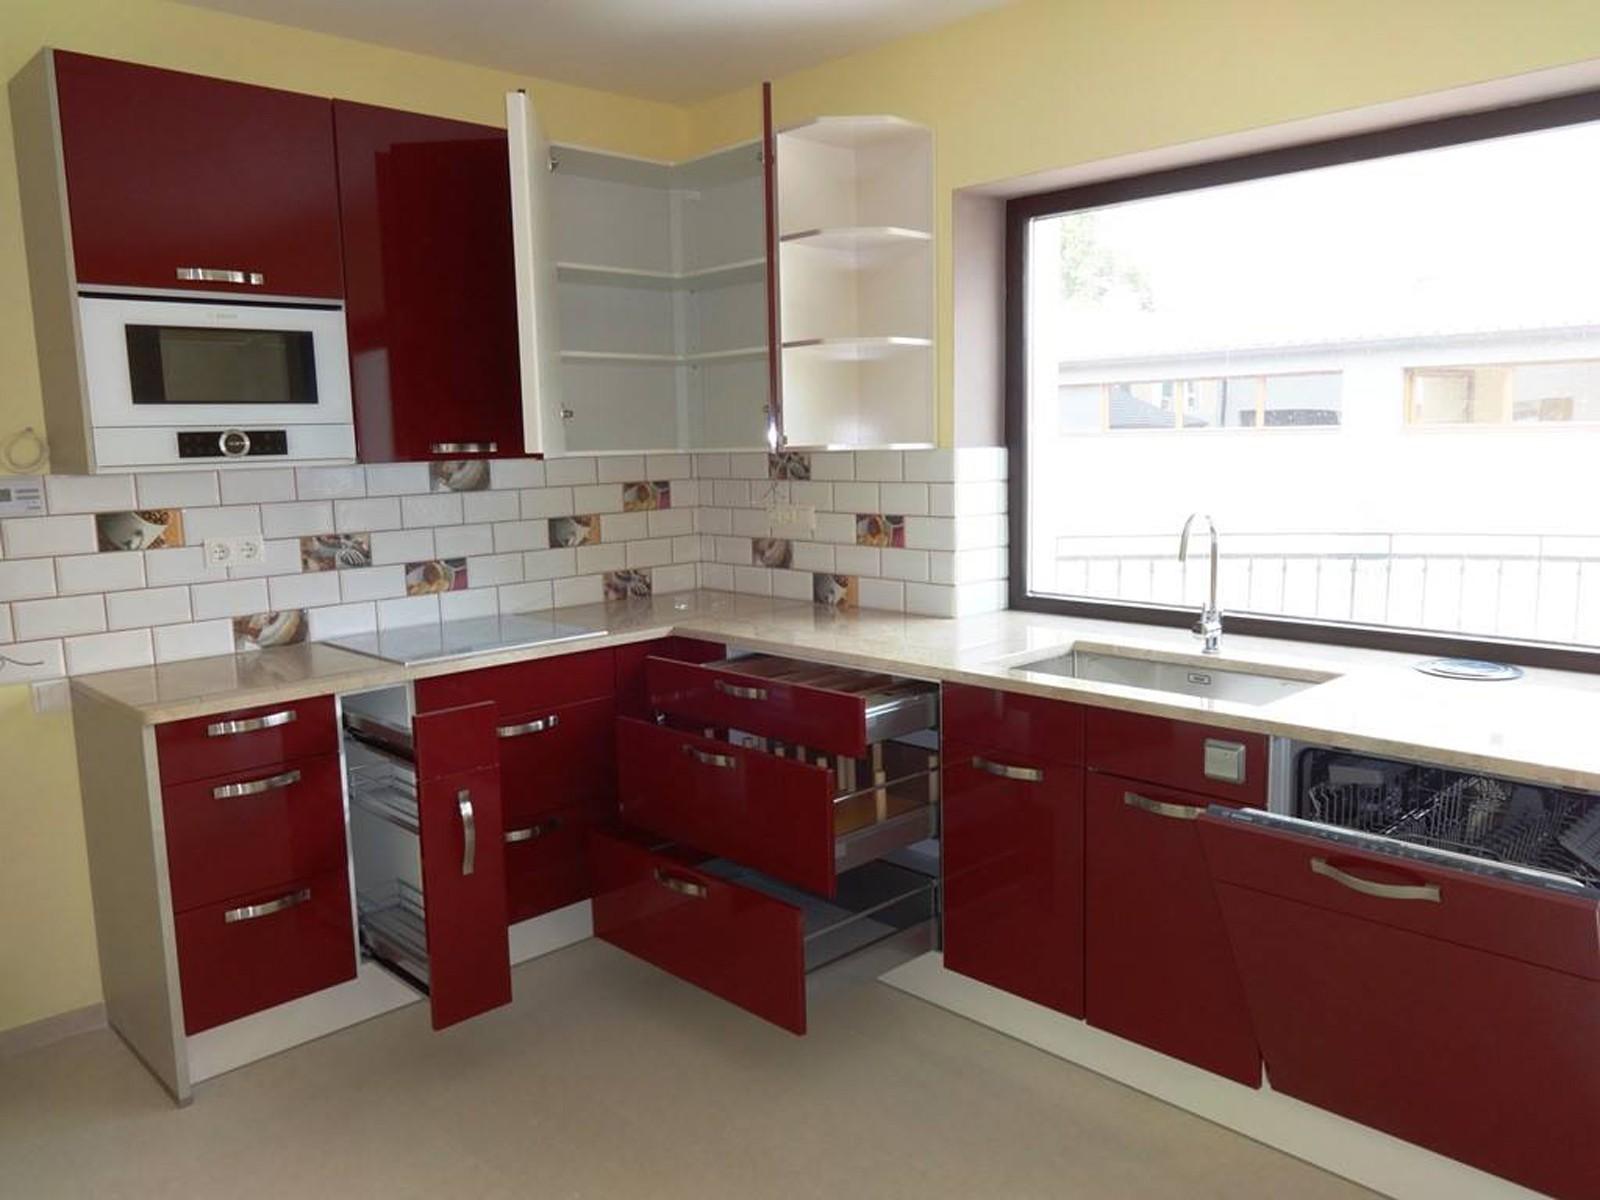 Referință - Bucătărie modernă Nobilia Primo - Bordeaux / Granit autentic